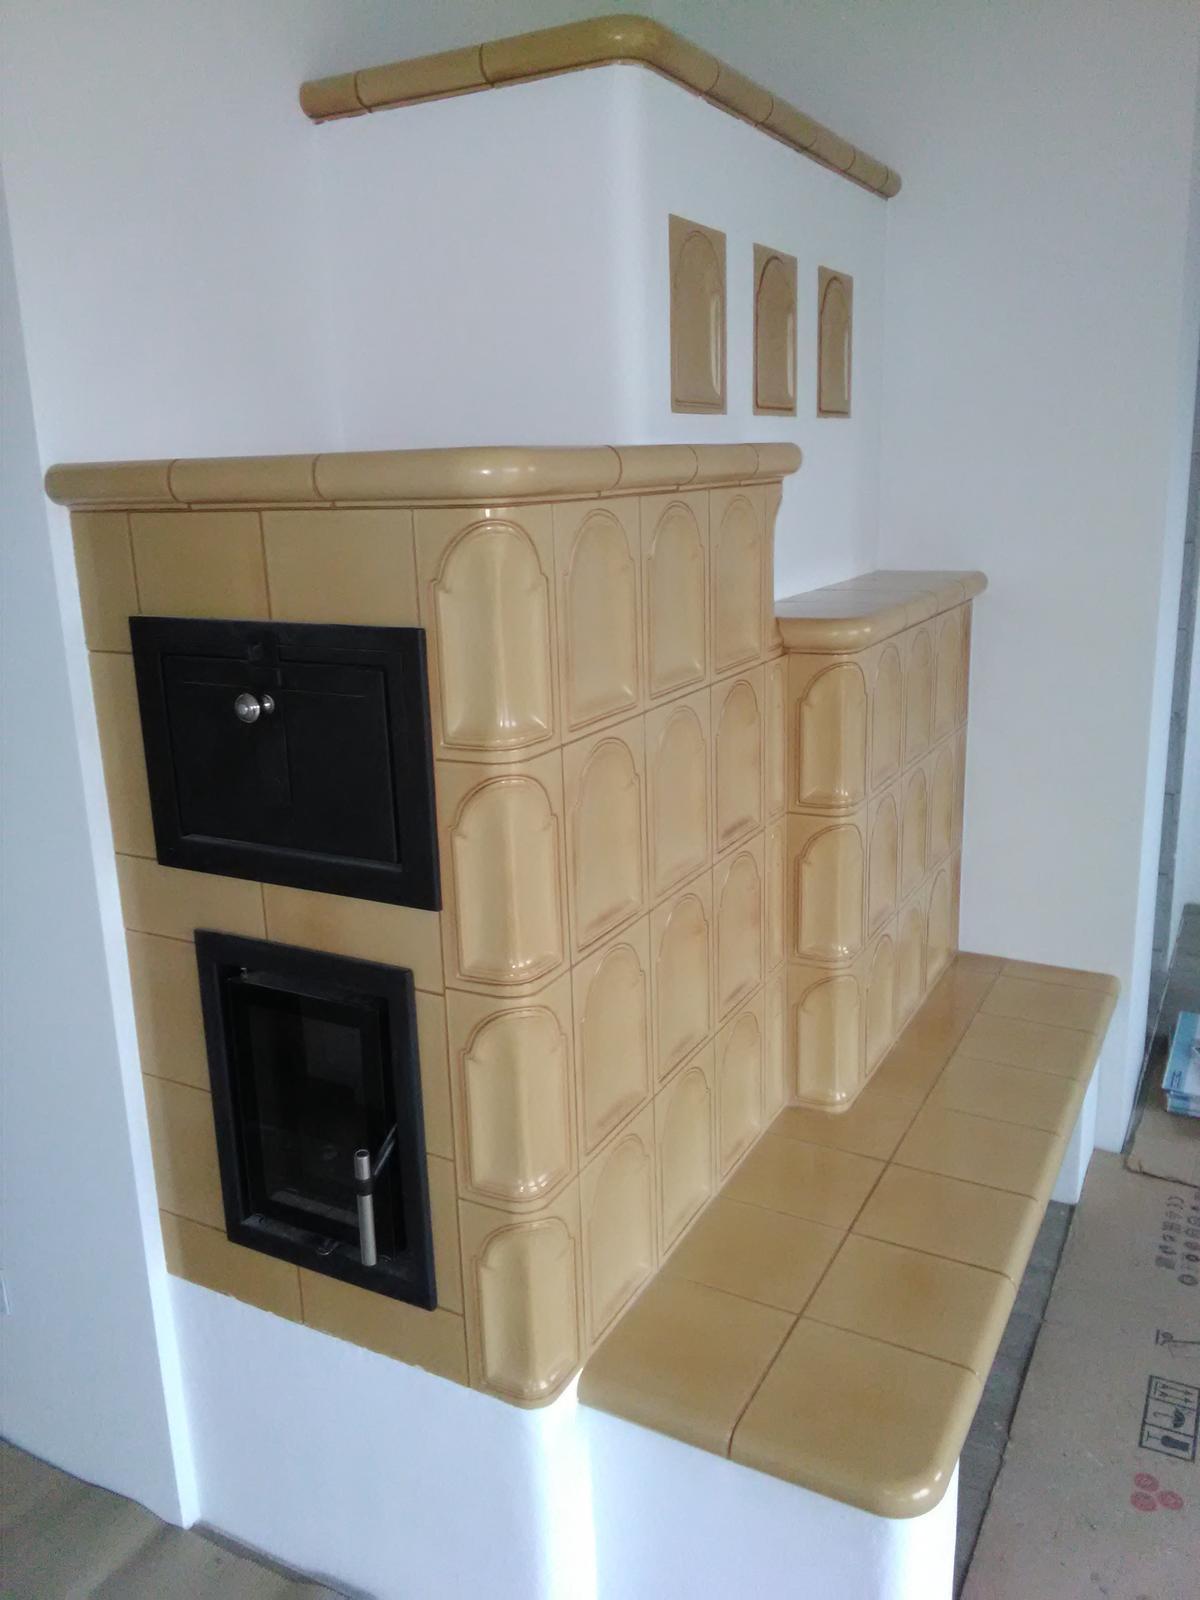 Kachľová pec - Ťažká akumulačná kachľová pec, keramika HEIN, prikladacie dvierka JOKR - dvojsklo, rúra na pečenie.